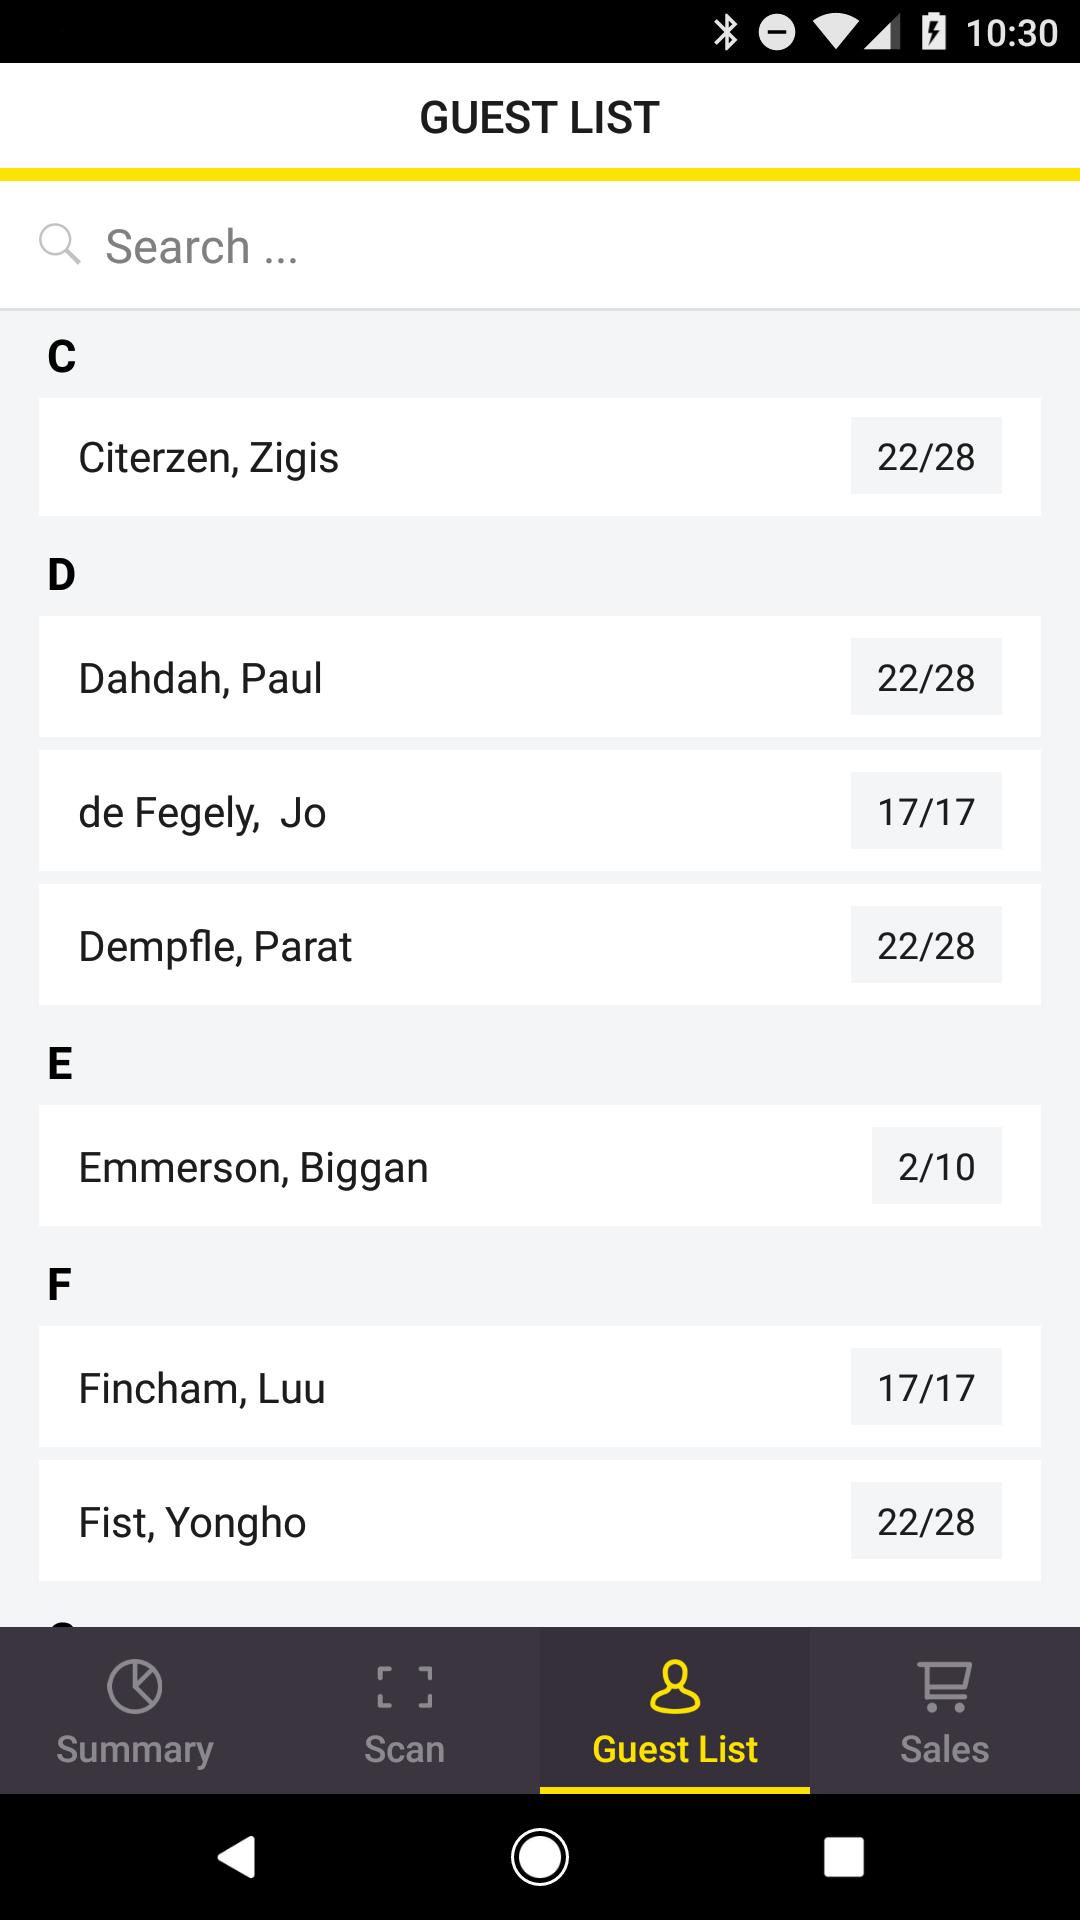 App Guest list screen